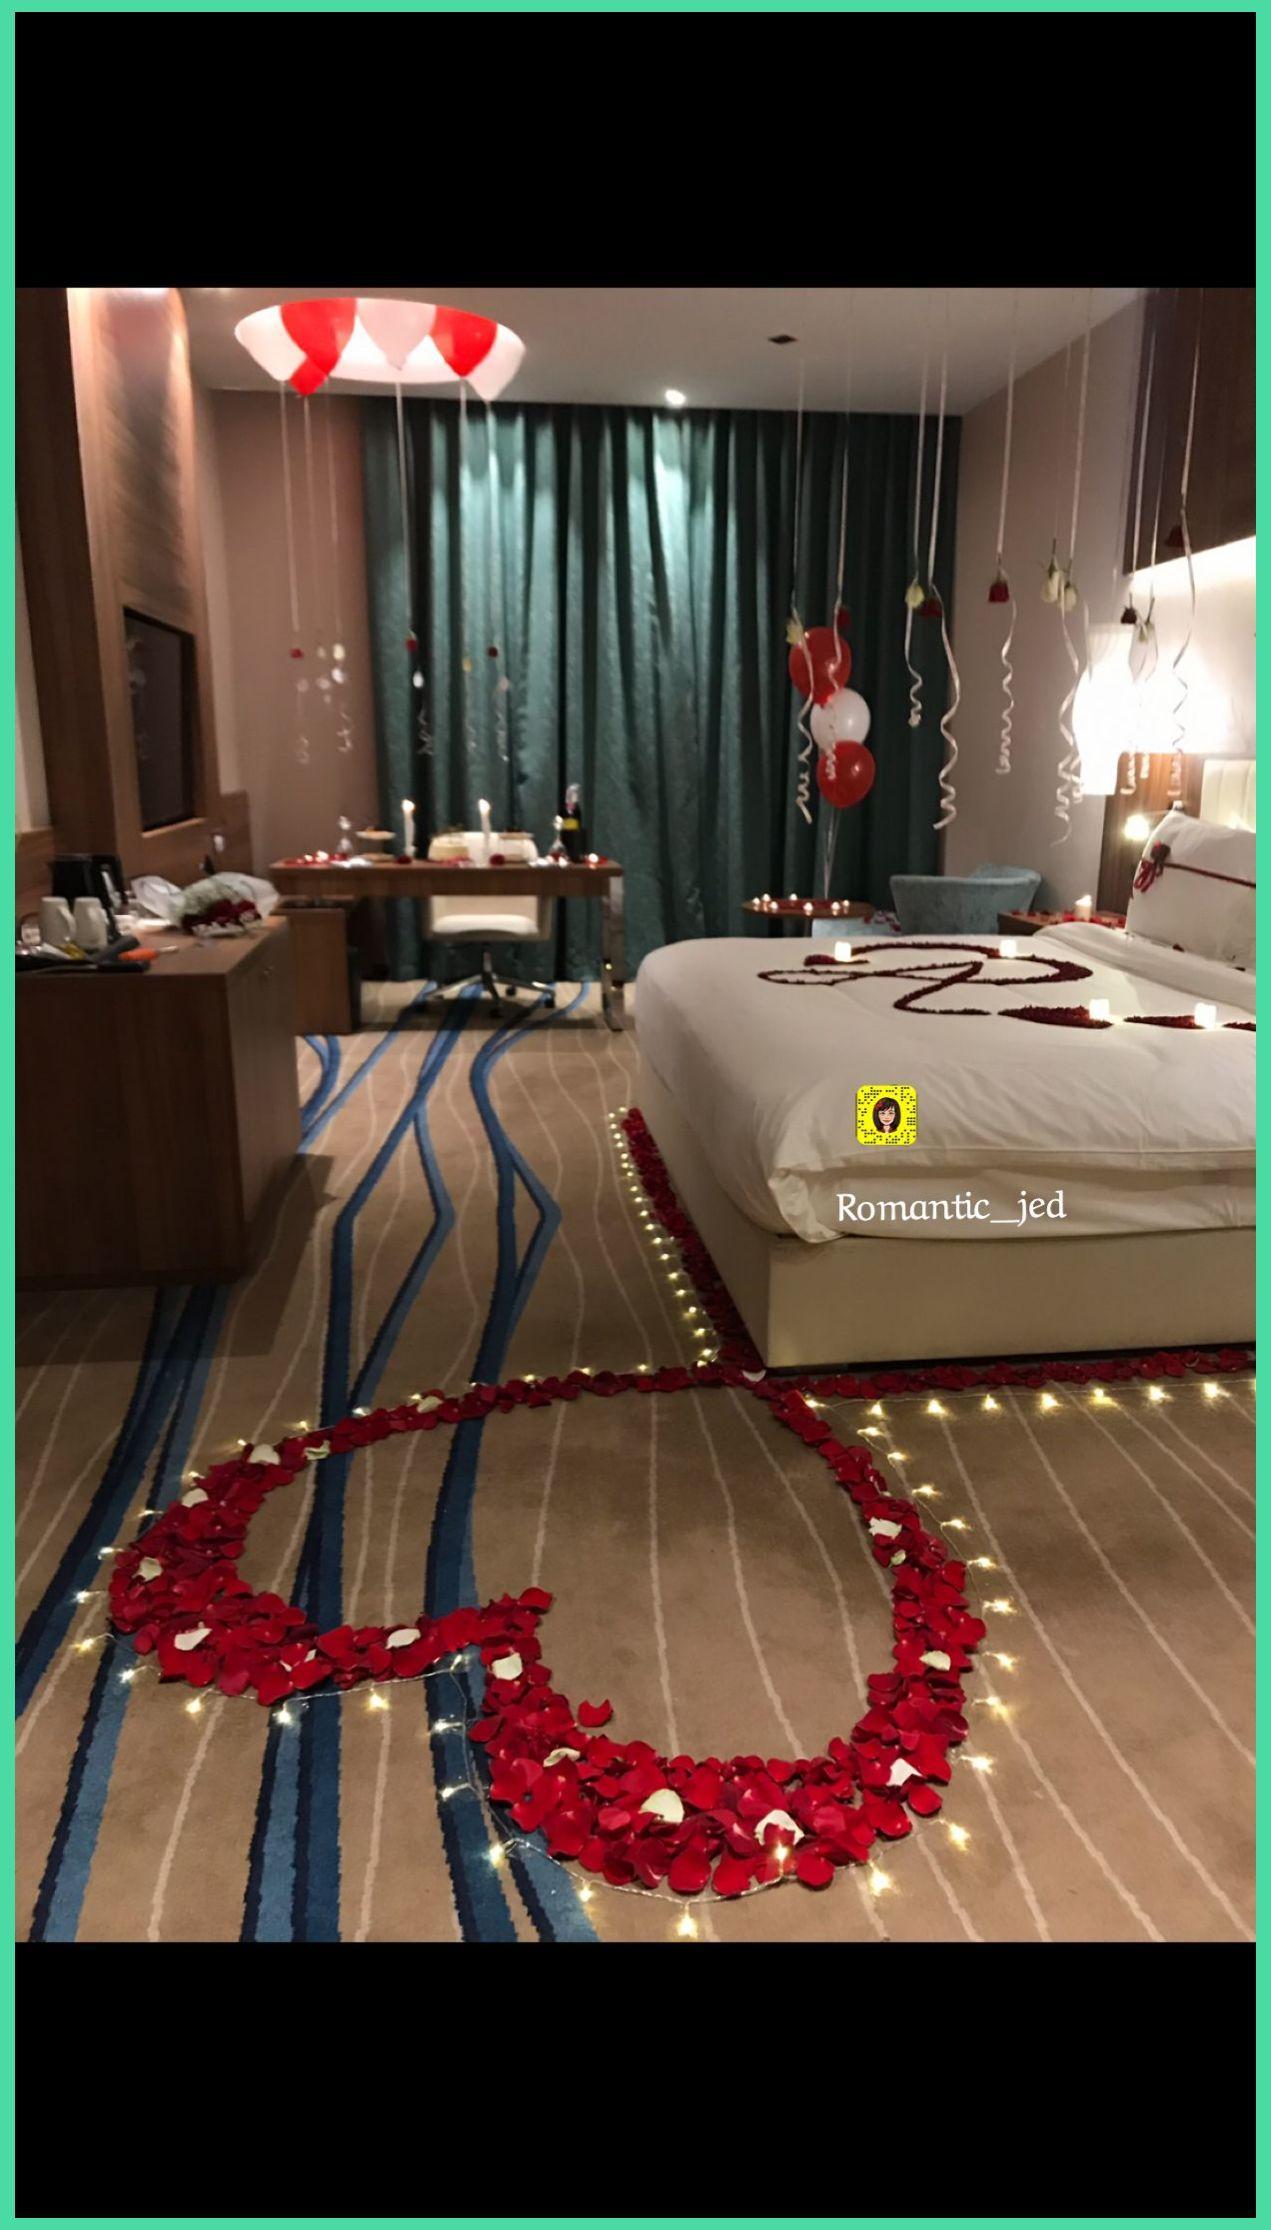 حكاية فرح لتنسيق الحفلات وغرف العرسان بجدة Romantic Bedroom Ideas For Him Wedding Night Room Decorations Romantic Dinner Decoration Wedding Room Decorations